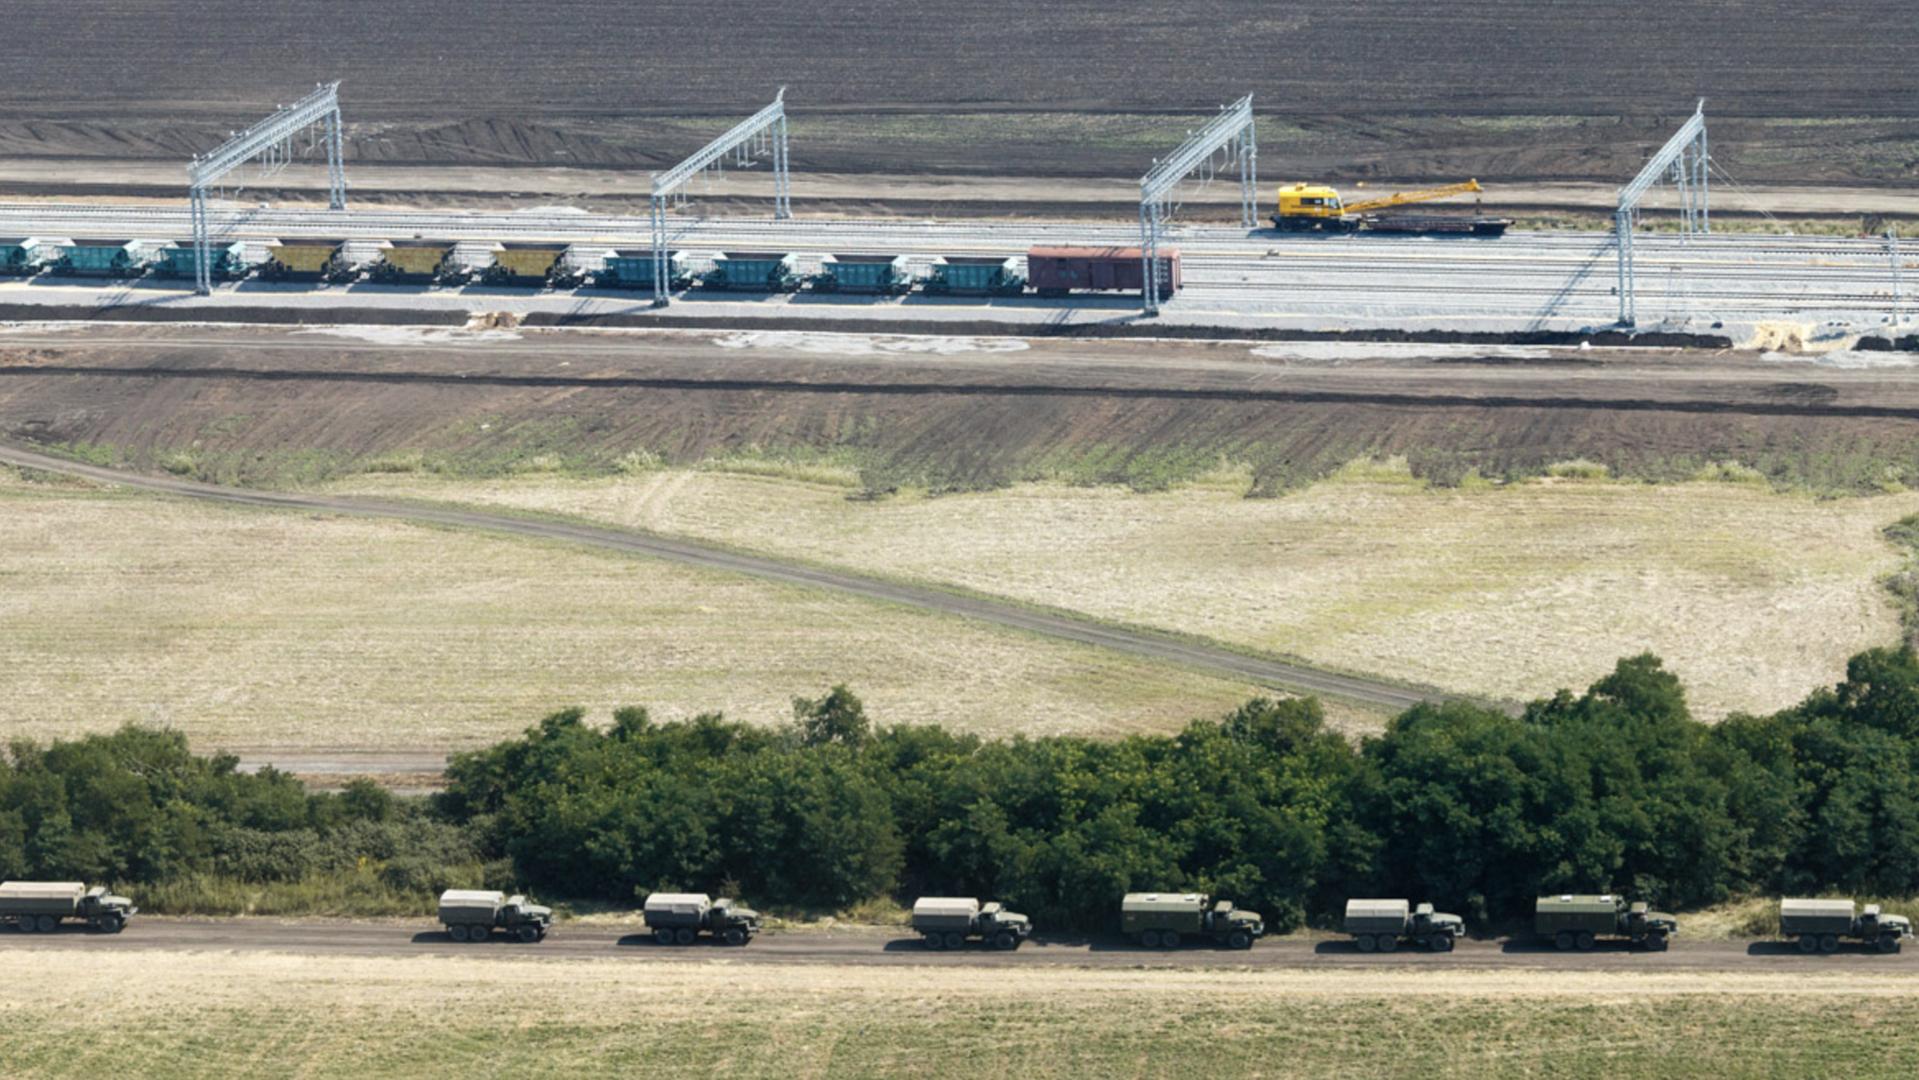 Обходной манёвр: РЖД запустит движение пассажирских поездов в объезд Украины к концу осени